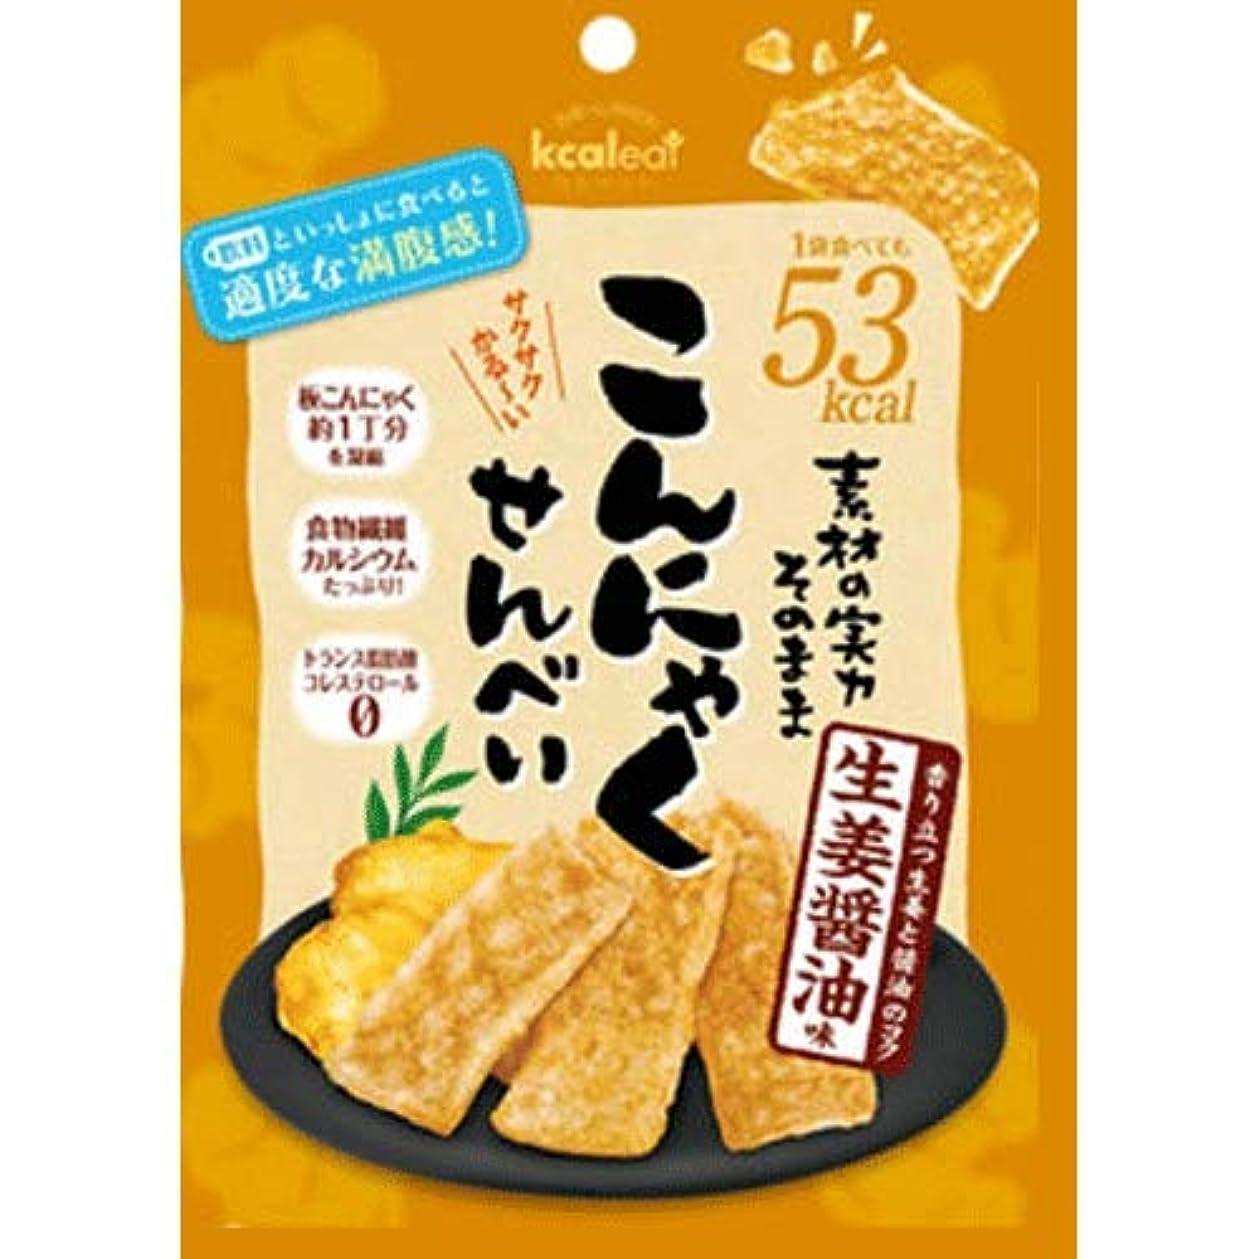 太い海外杭こんにゃくせんべい 生姜醤油 15g (20袋セット) [並行輸入品]